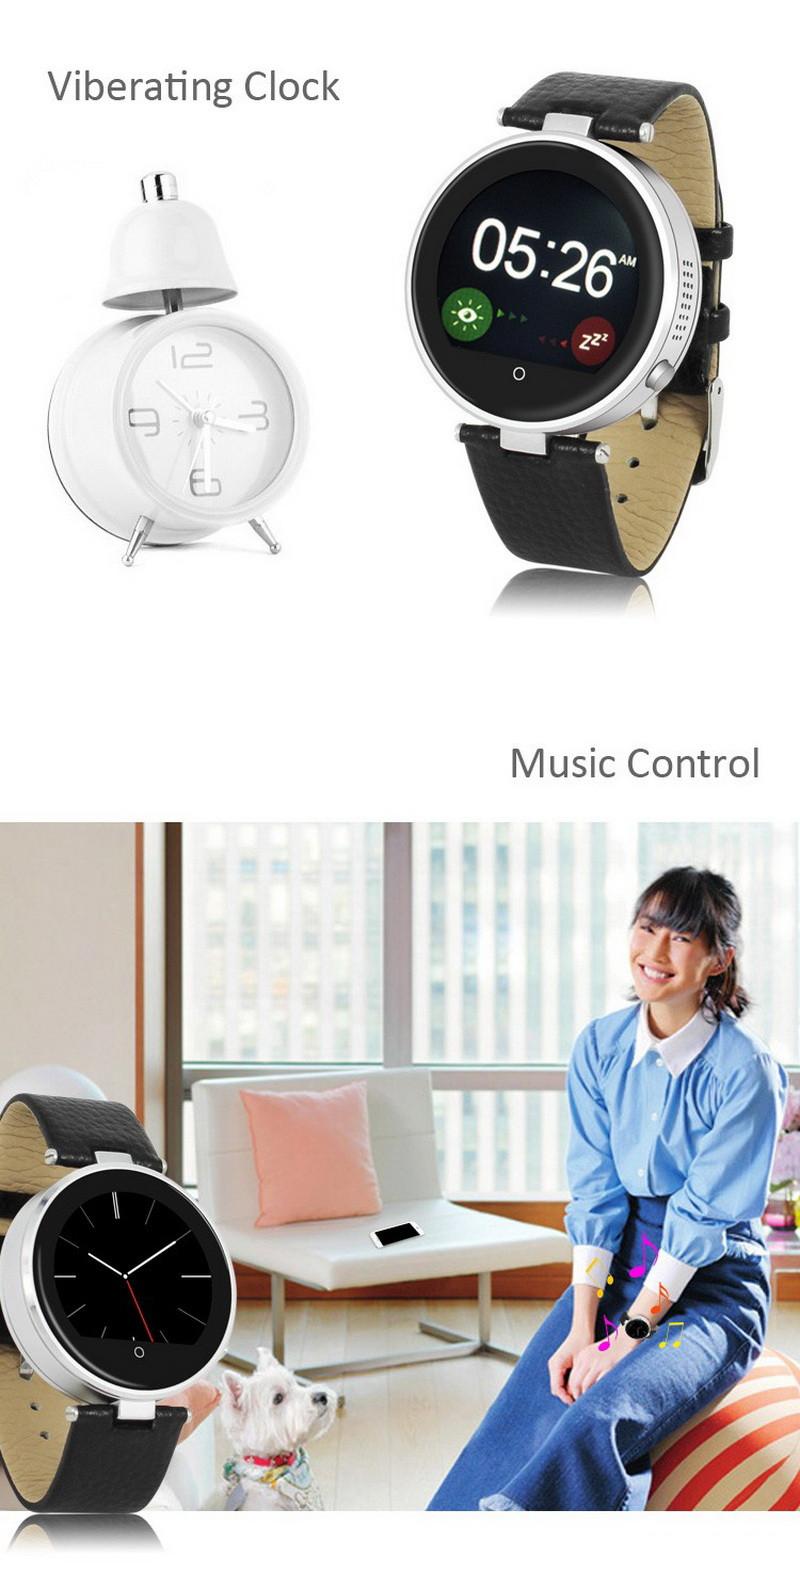 ถูก 10ชิ้นZGPAX S365อัตราการเต้นหัวใจบลูทูธUดูสมาร์ทรอบนาฬิกาข้อมือSmartwatchนาฬิกาข้อมือโทรศัพท์MateสำหรับSamsung iPhoneสมาร์ทโทรศัพท์